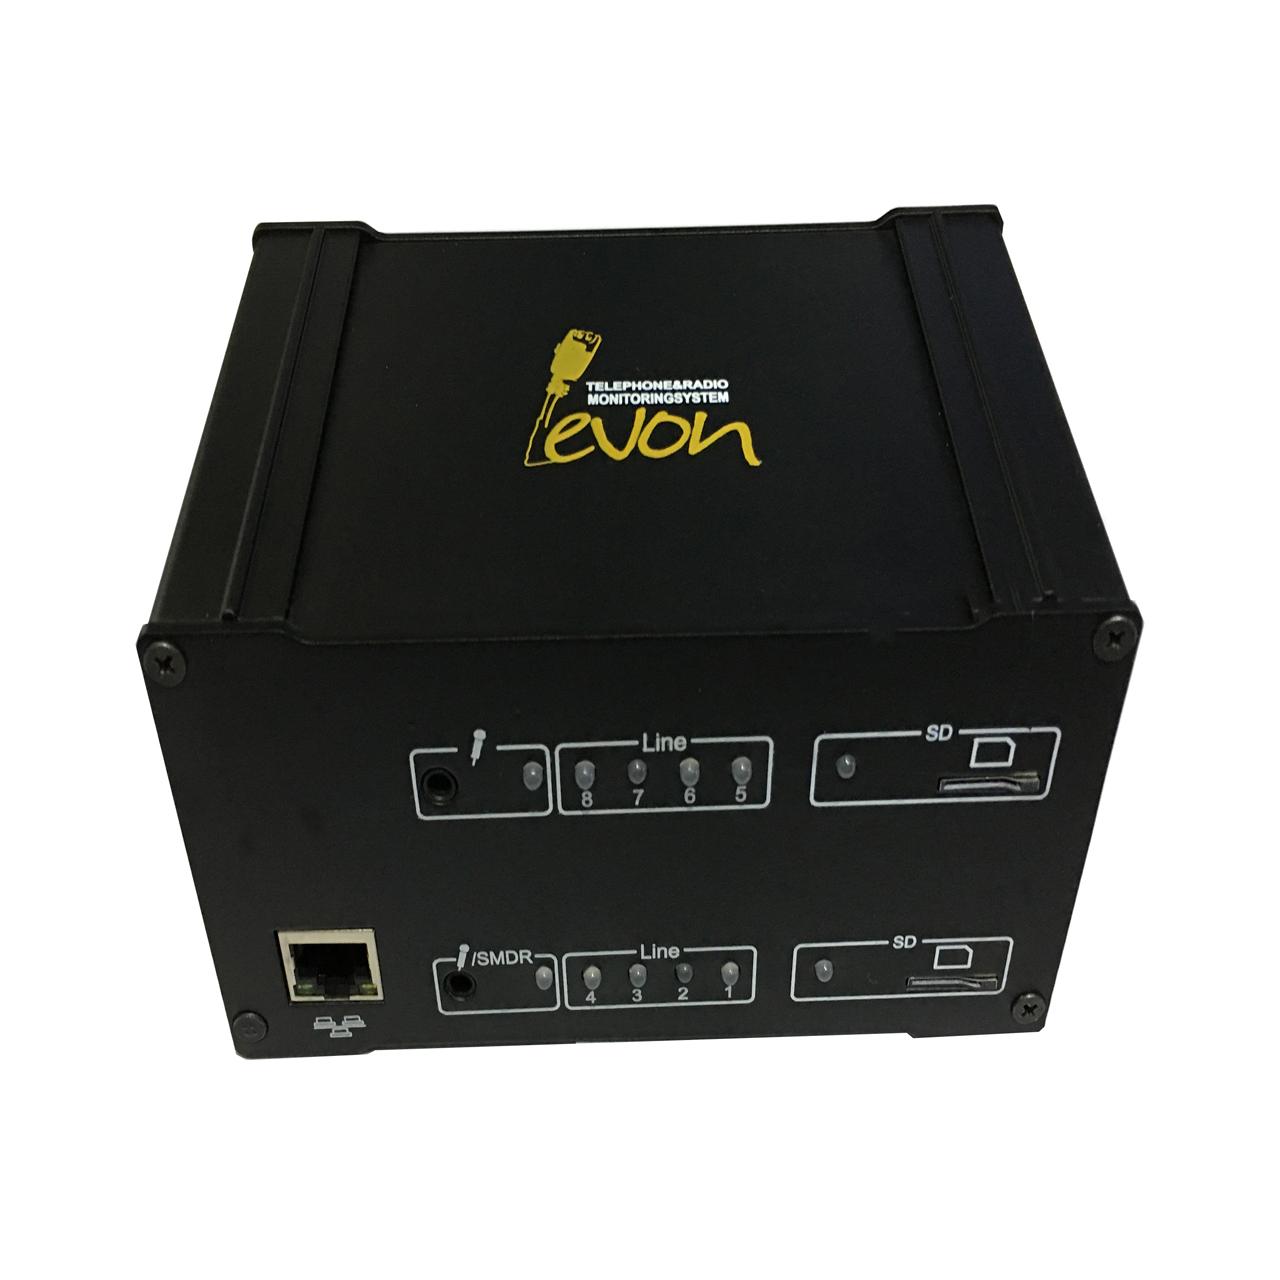 دستگاه ضبط و مدیریت مکالمات تلفن لون مدل L1 کد 008